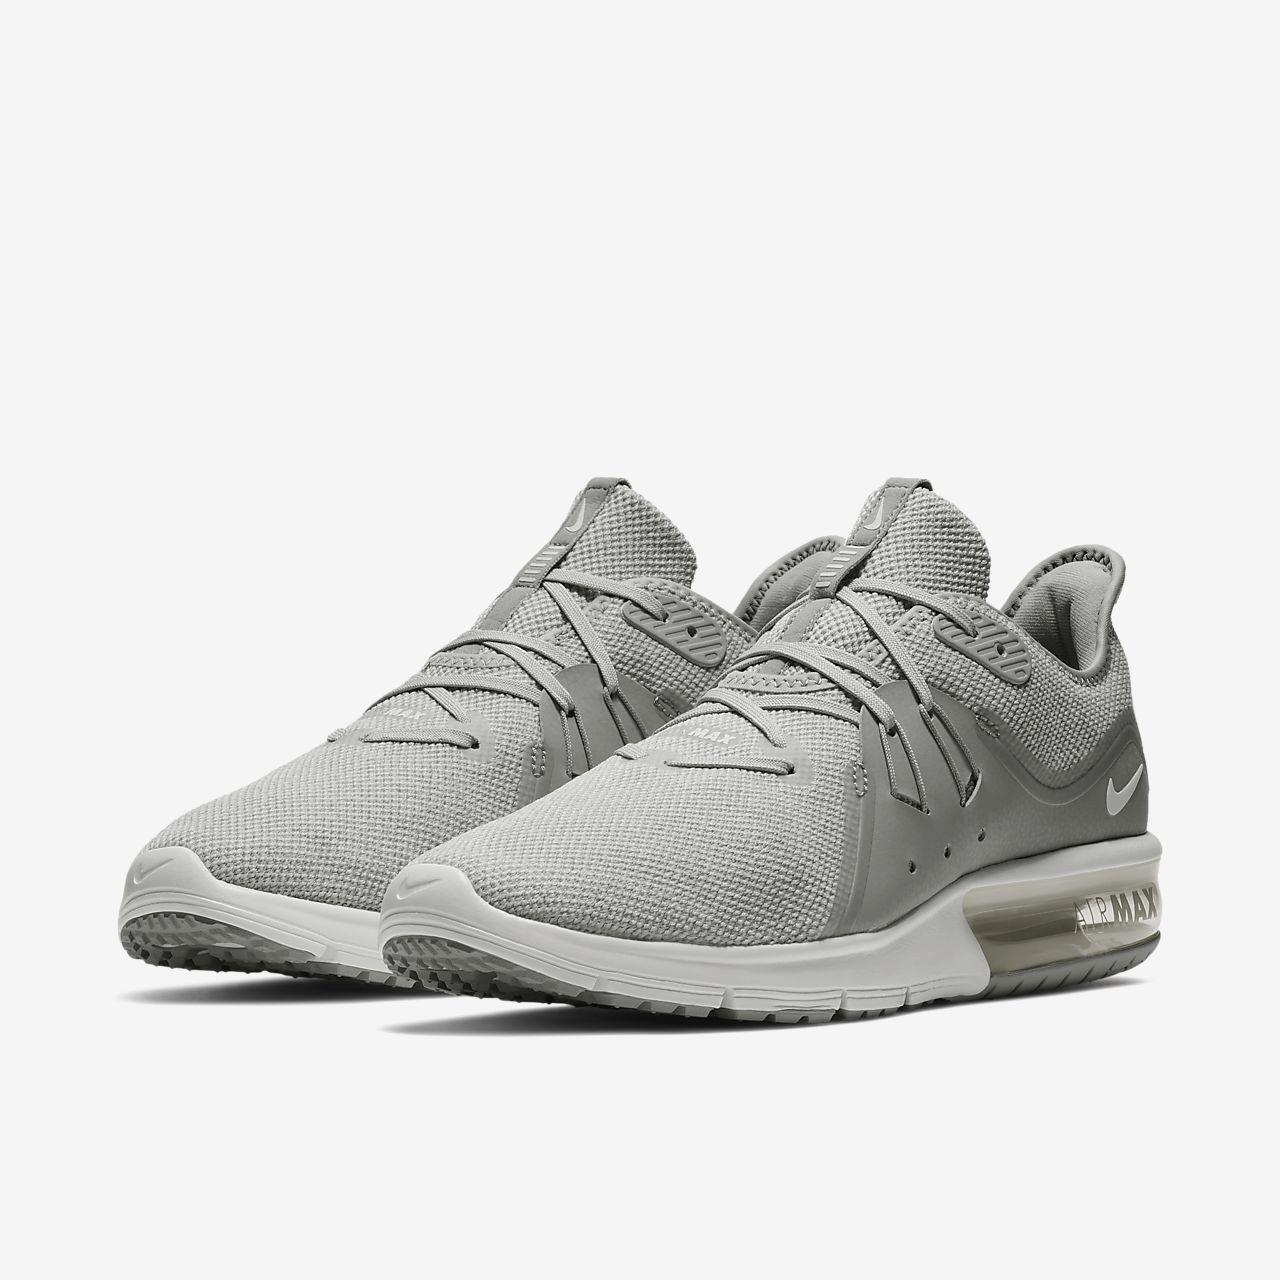 scarpe nike air max sequent 3